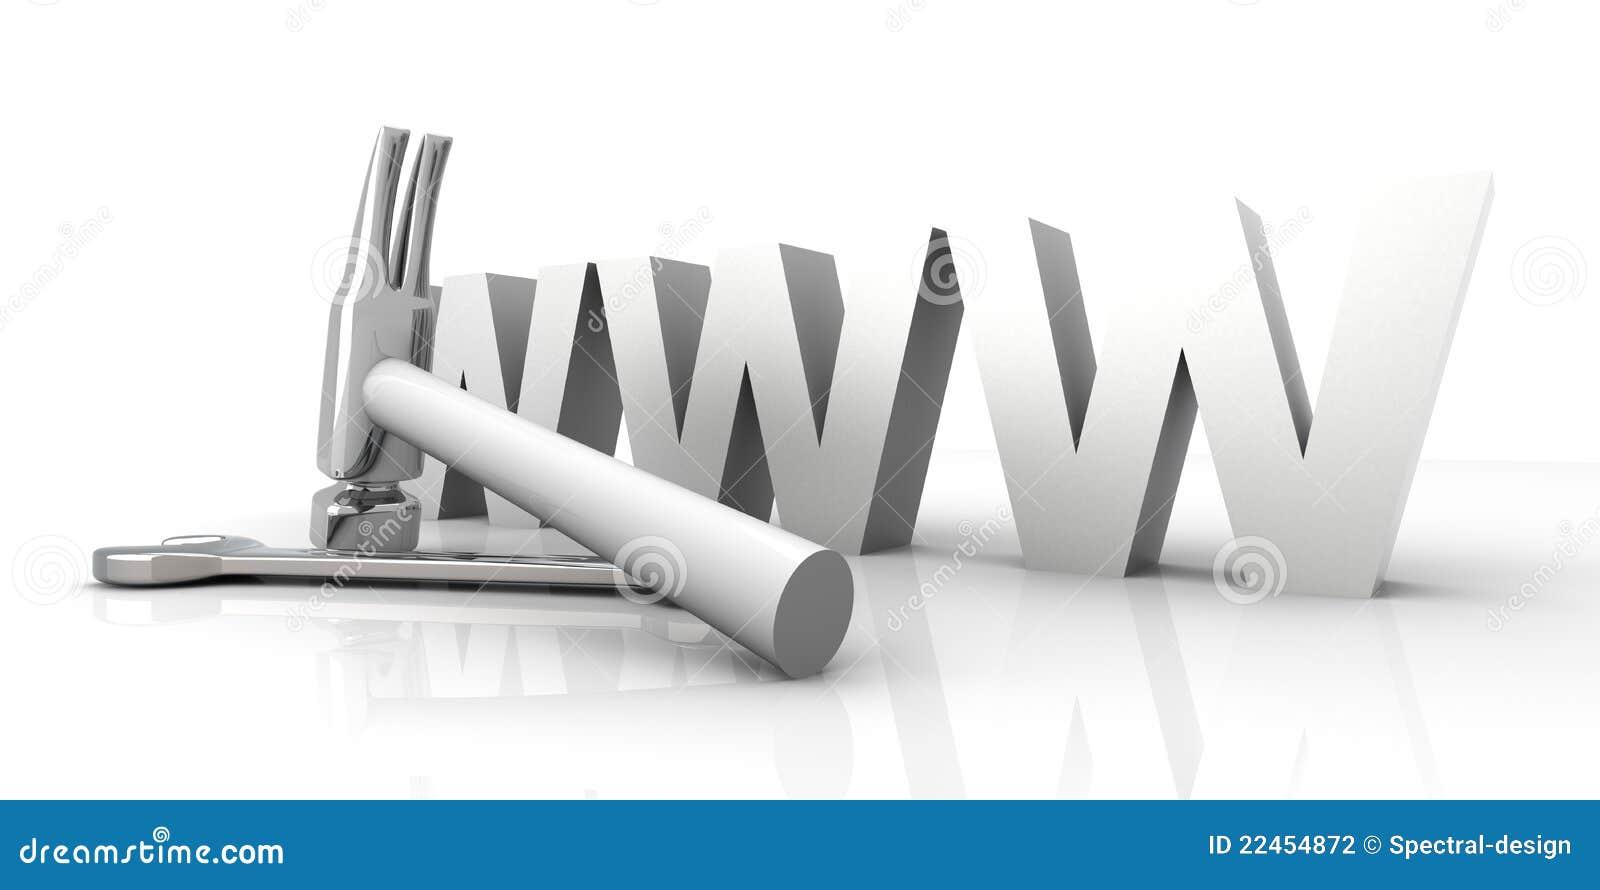 WWW - en construction